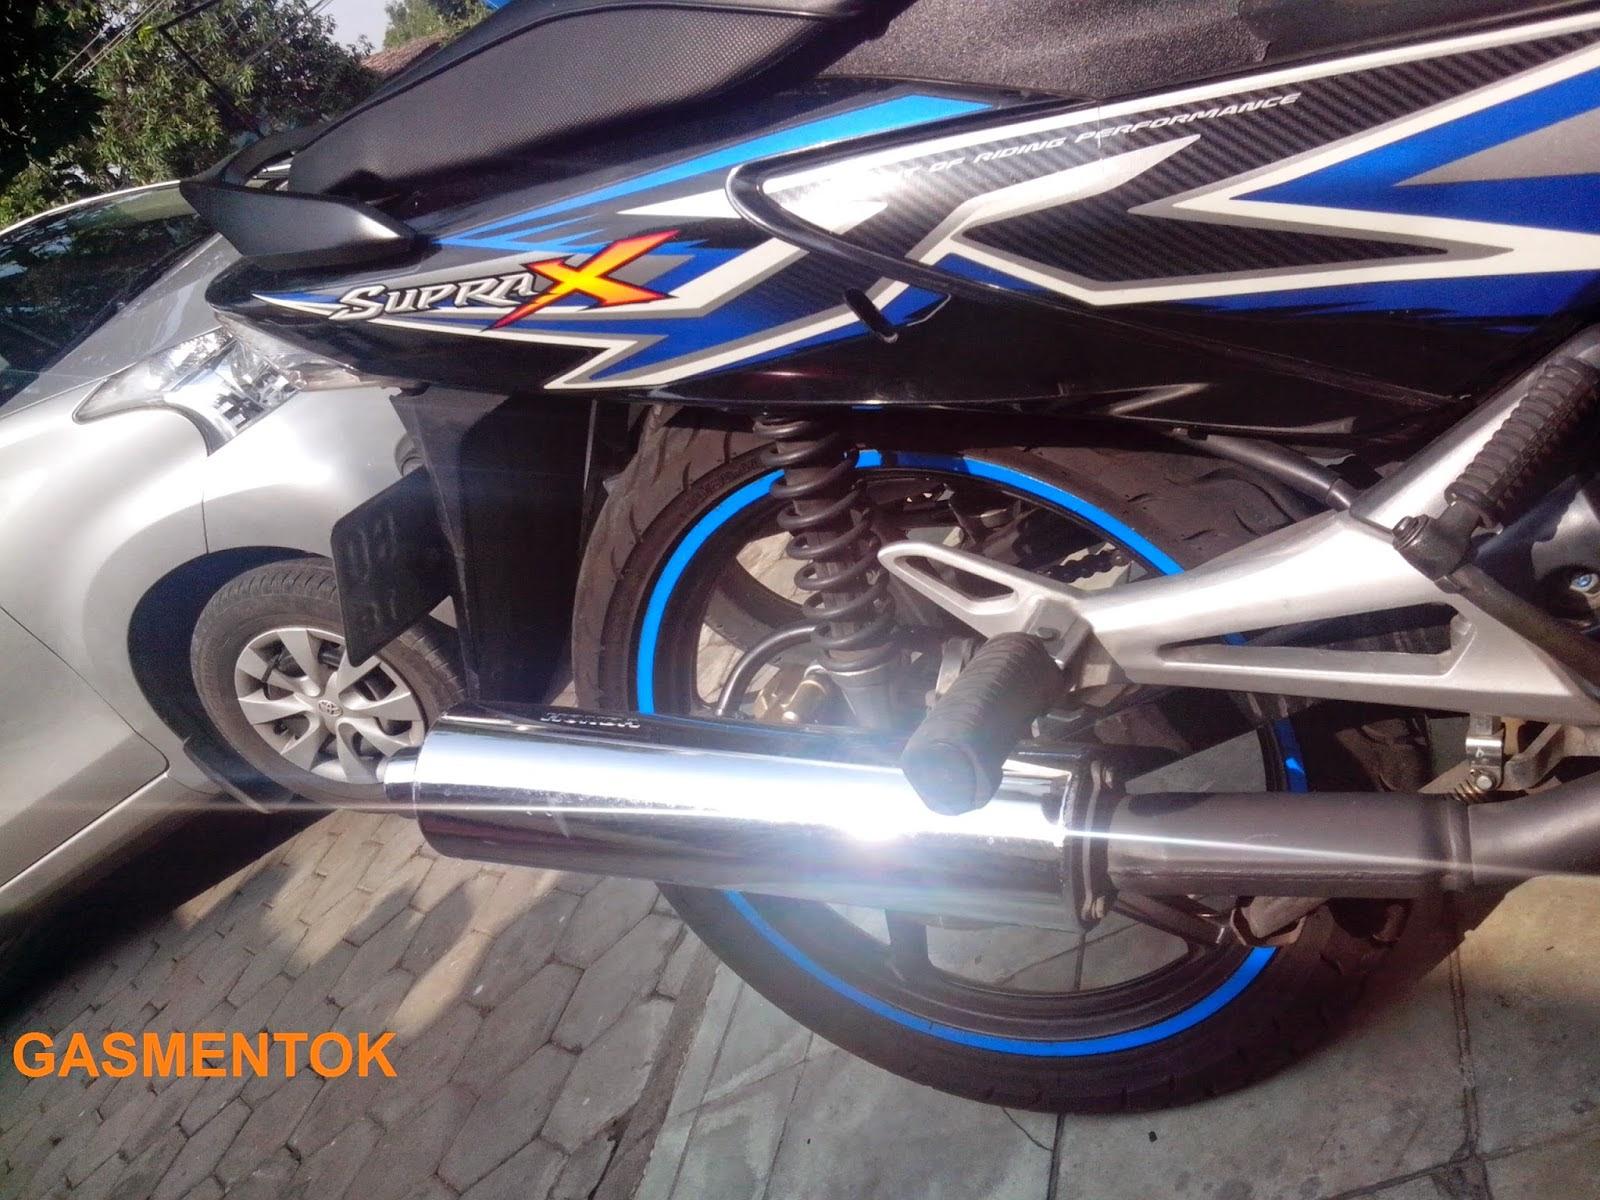 Kumpulan Foto Modif Motor Supra X 125 R Tahun 2015 Terlengkap